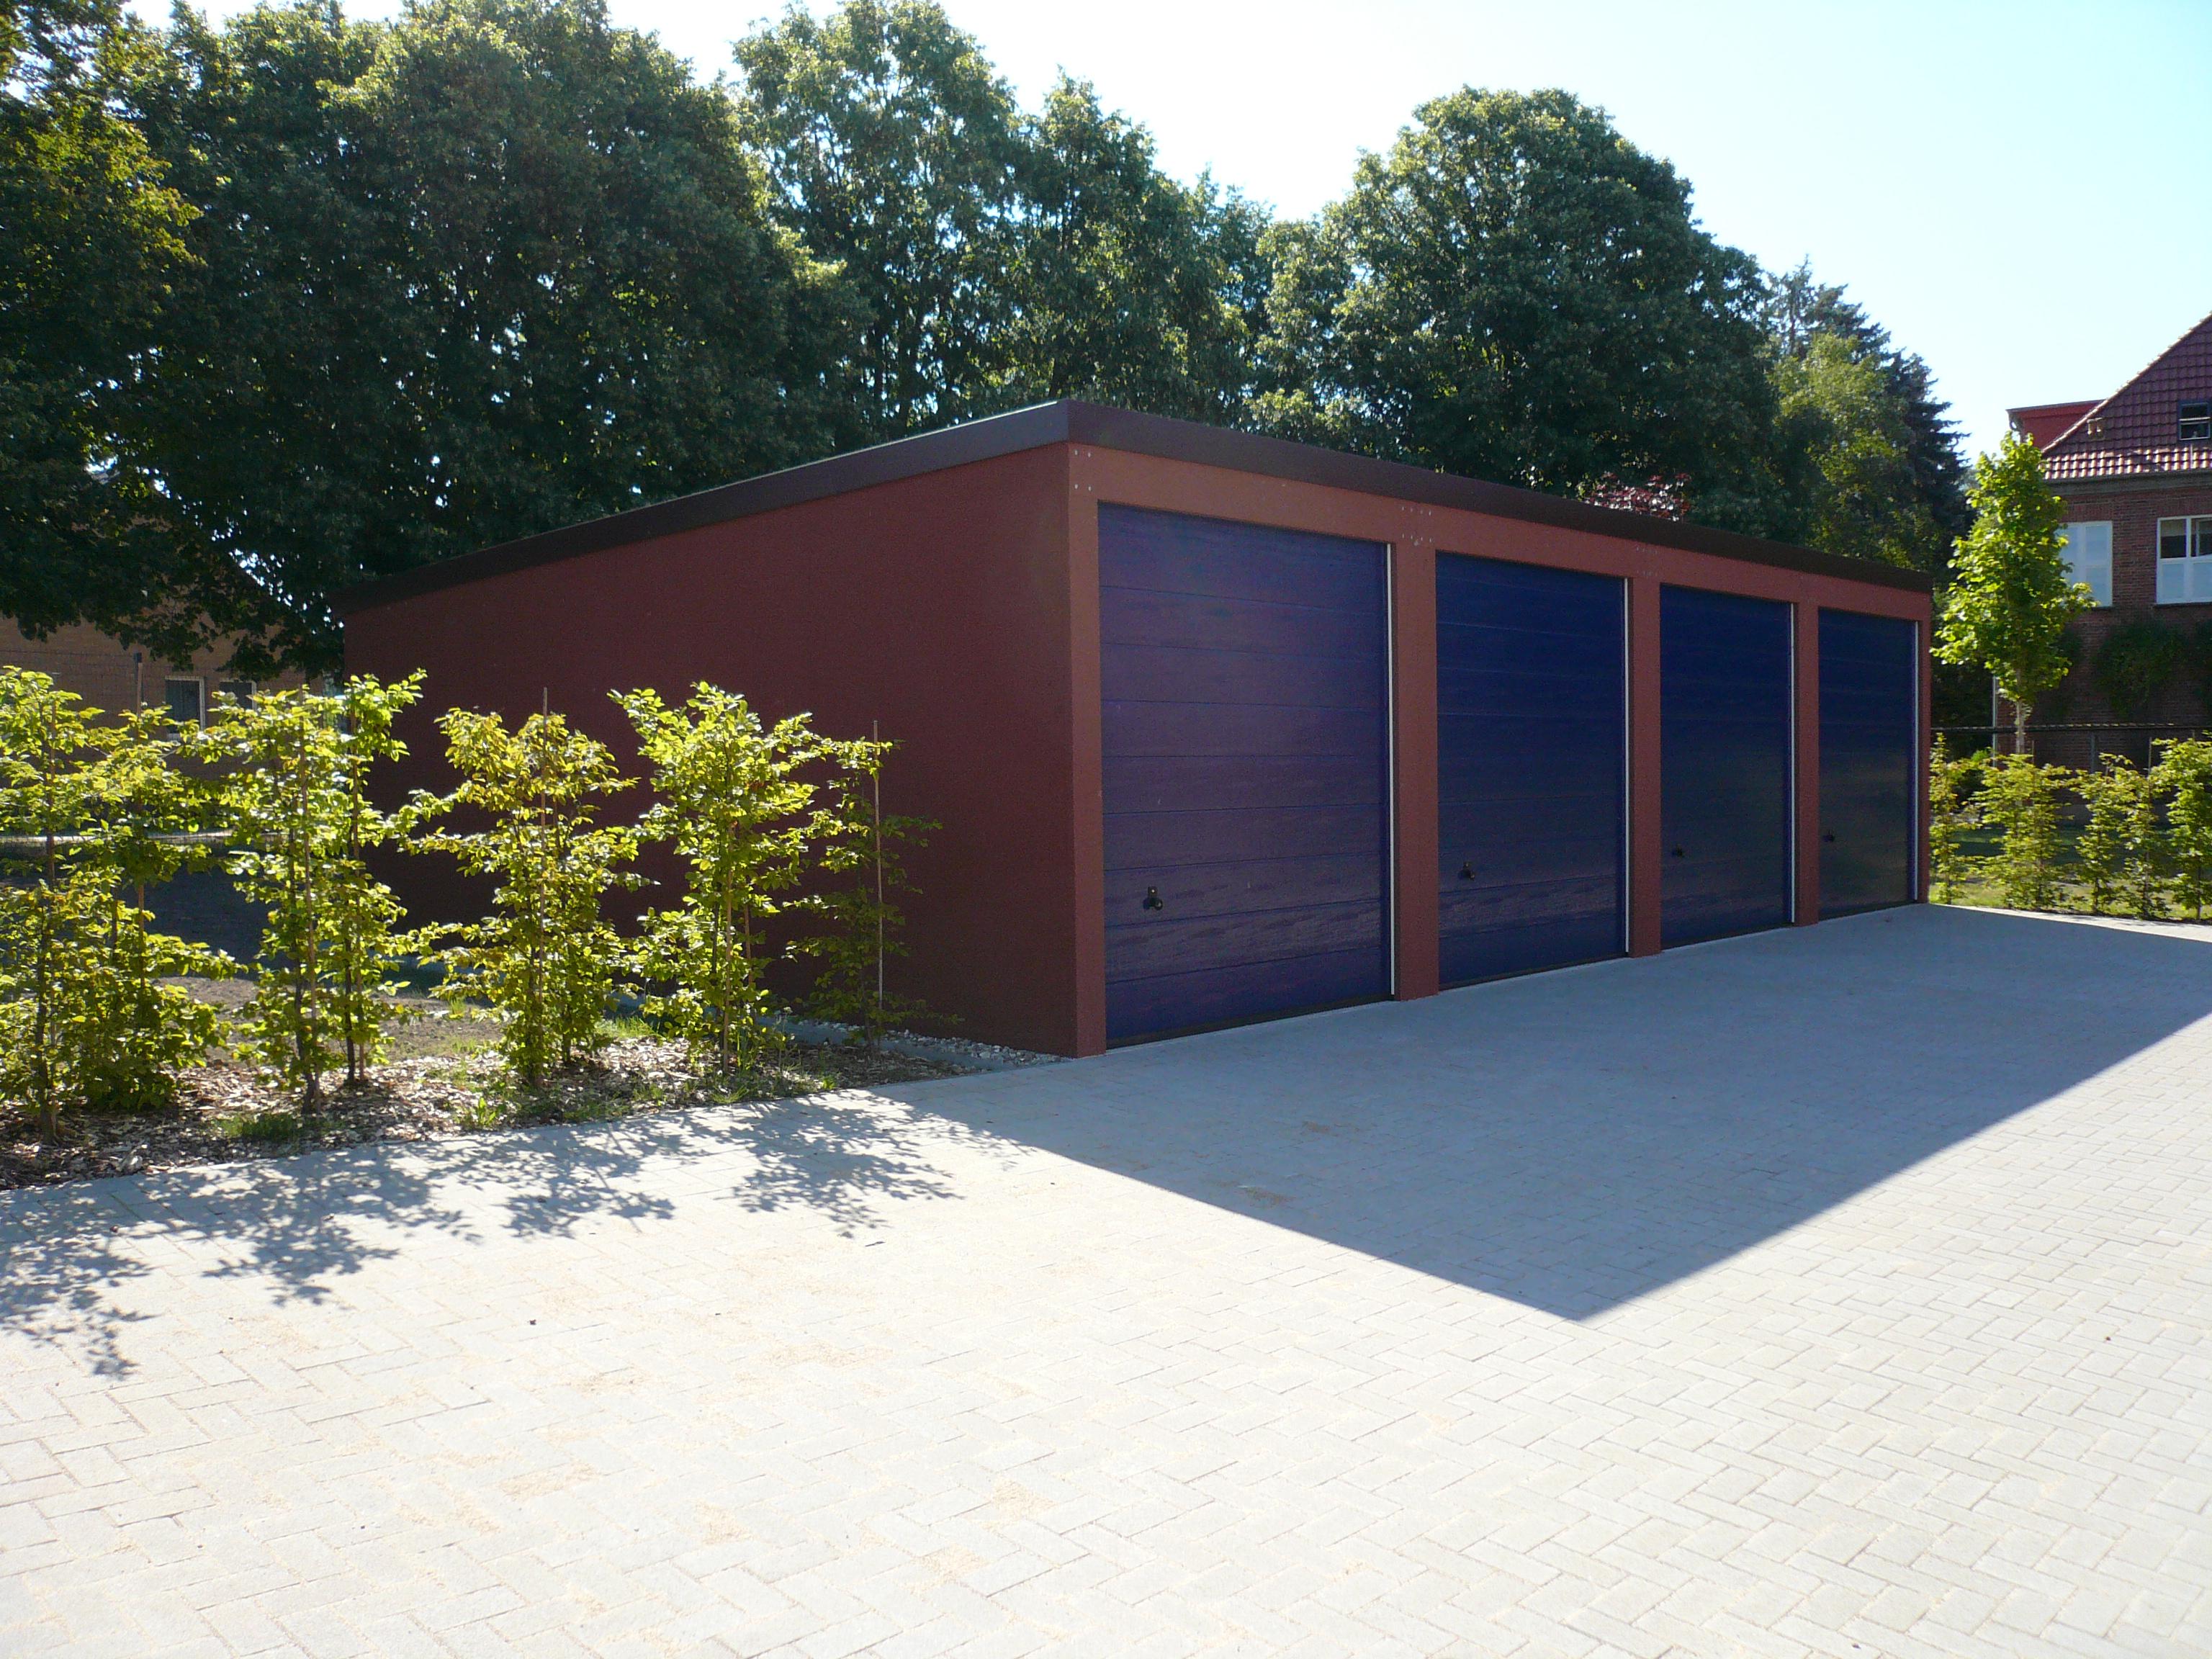 Garagen Fertig Dekoration : Garagen kaufen einzelgaragen doppelgaragen siegport